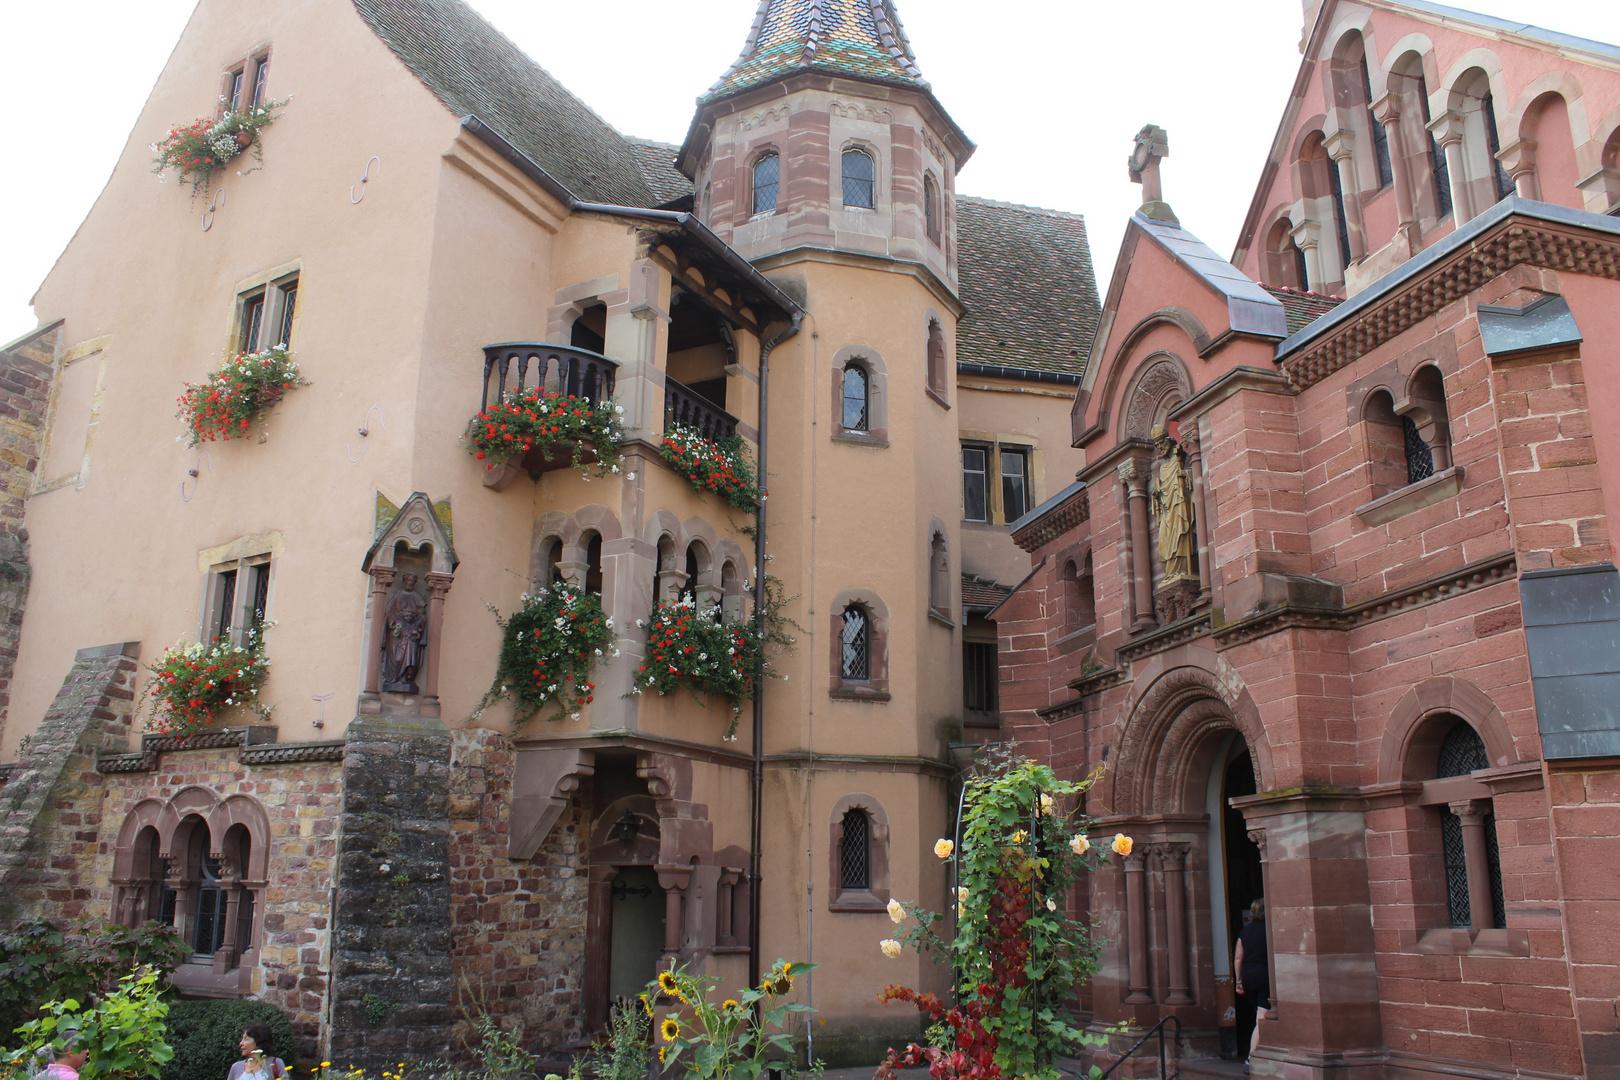 Eglise d'Eguisheim